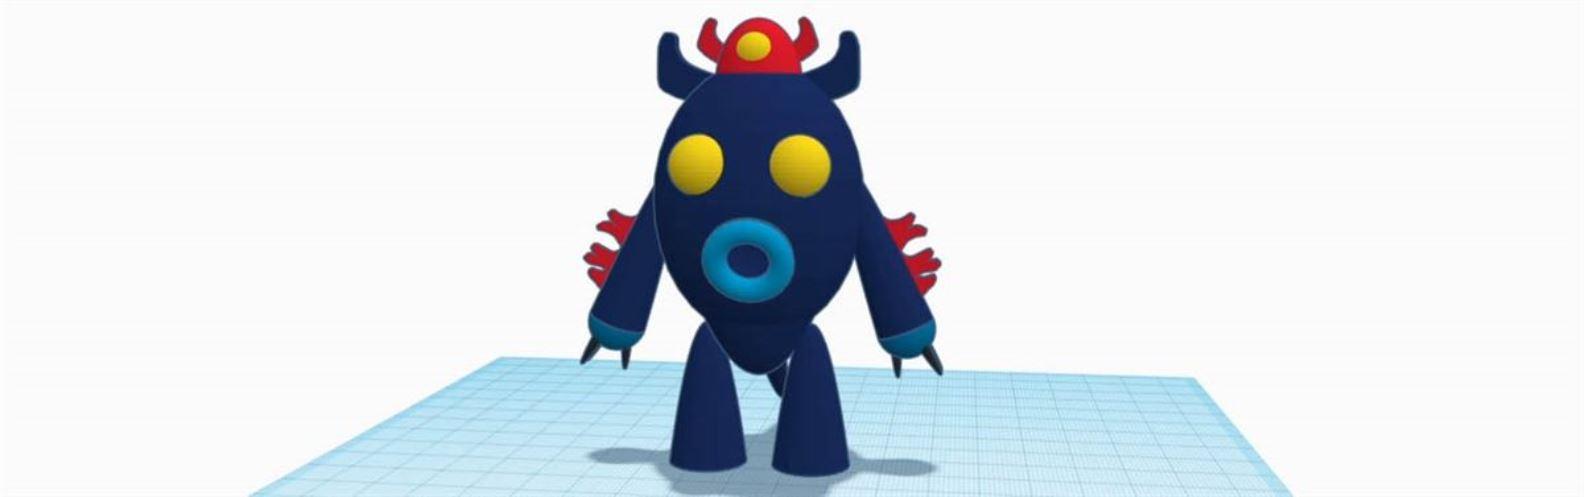 Actividad para niños de Arte 2D/3D: Tu monstruo en 3D